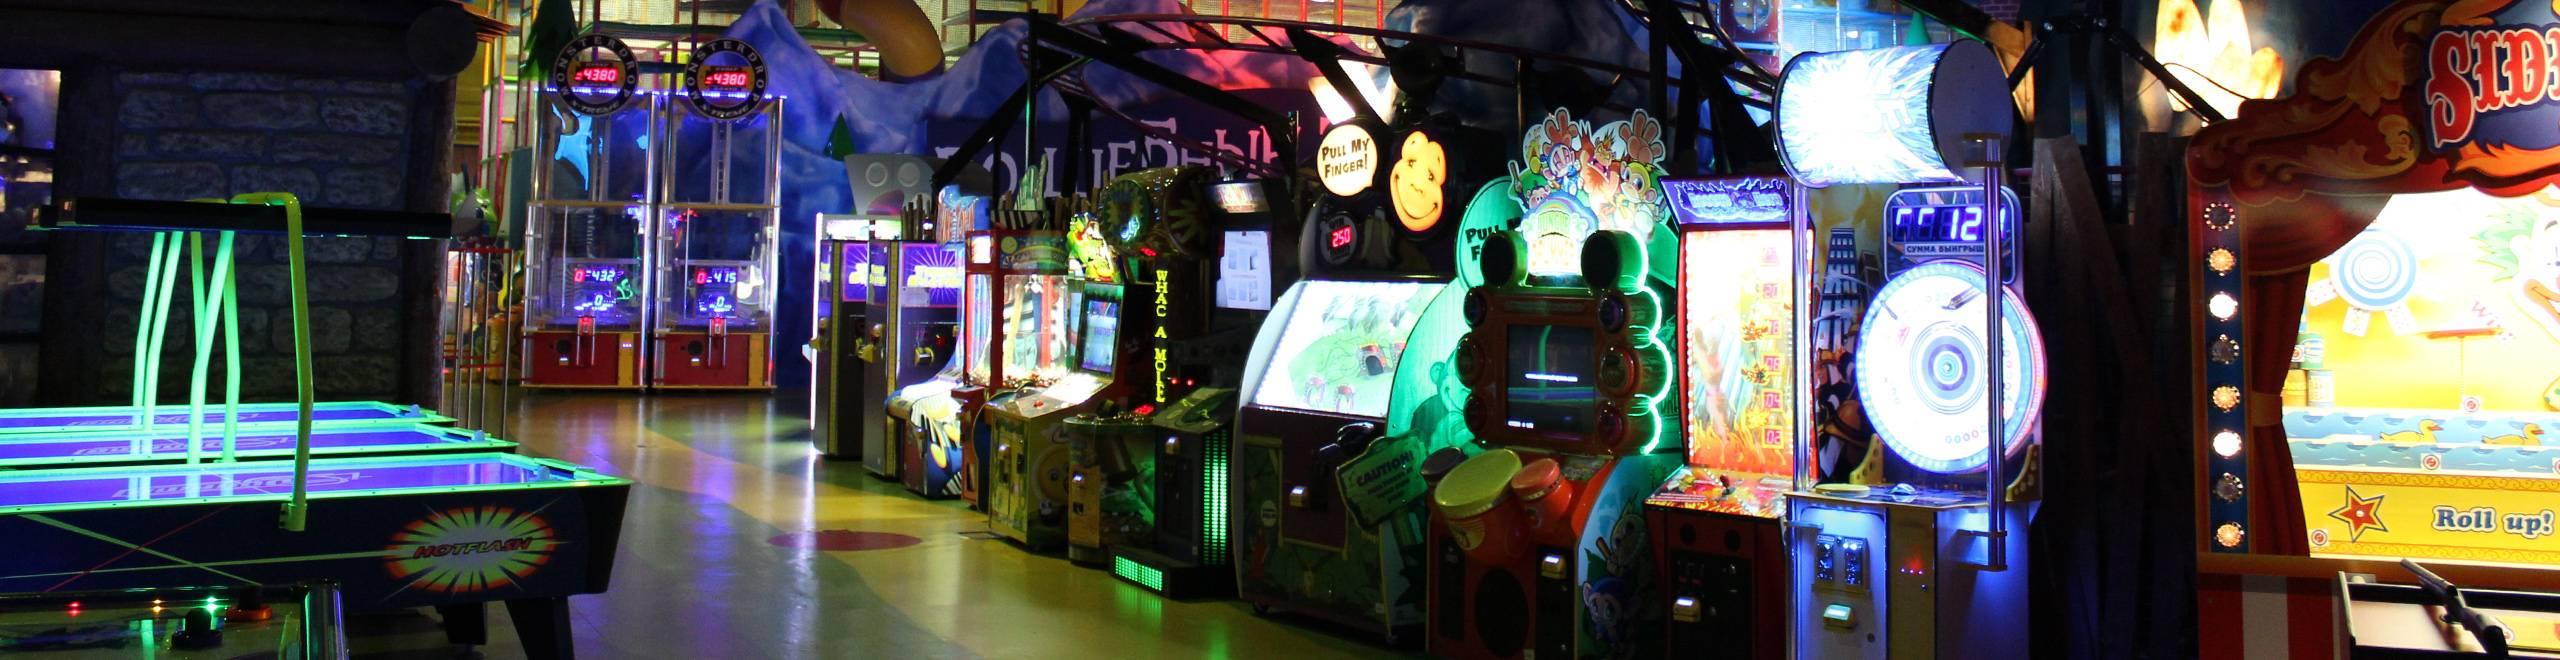 игровые автоматы бесплатно без регистрации онлайн играть